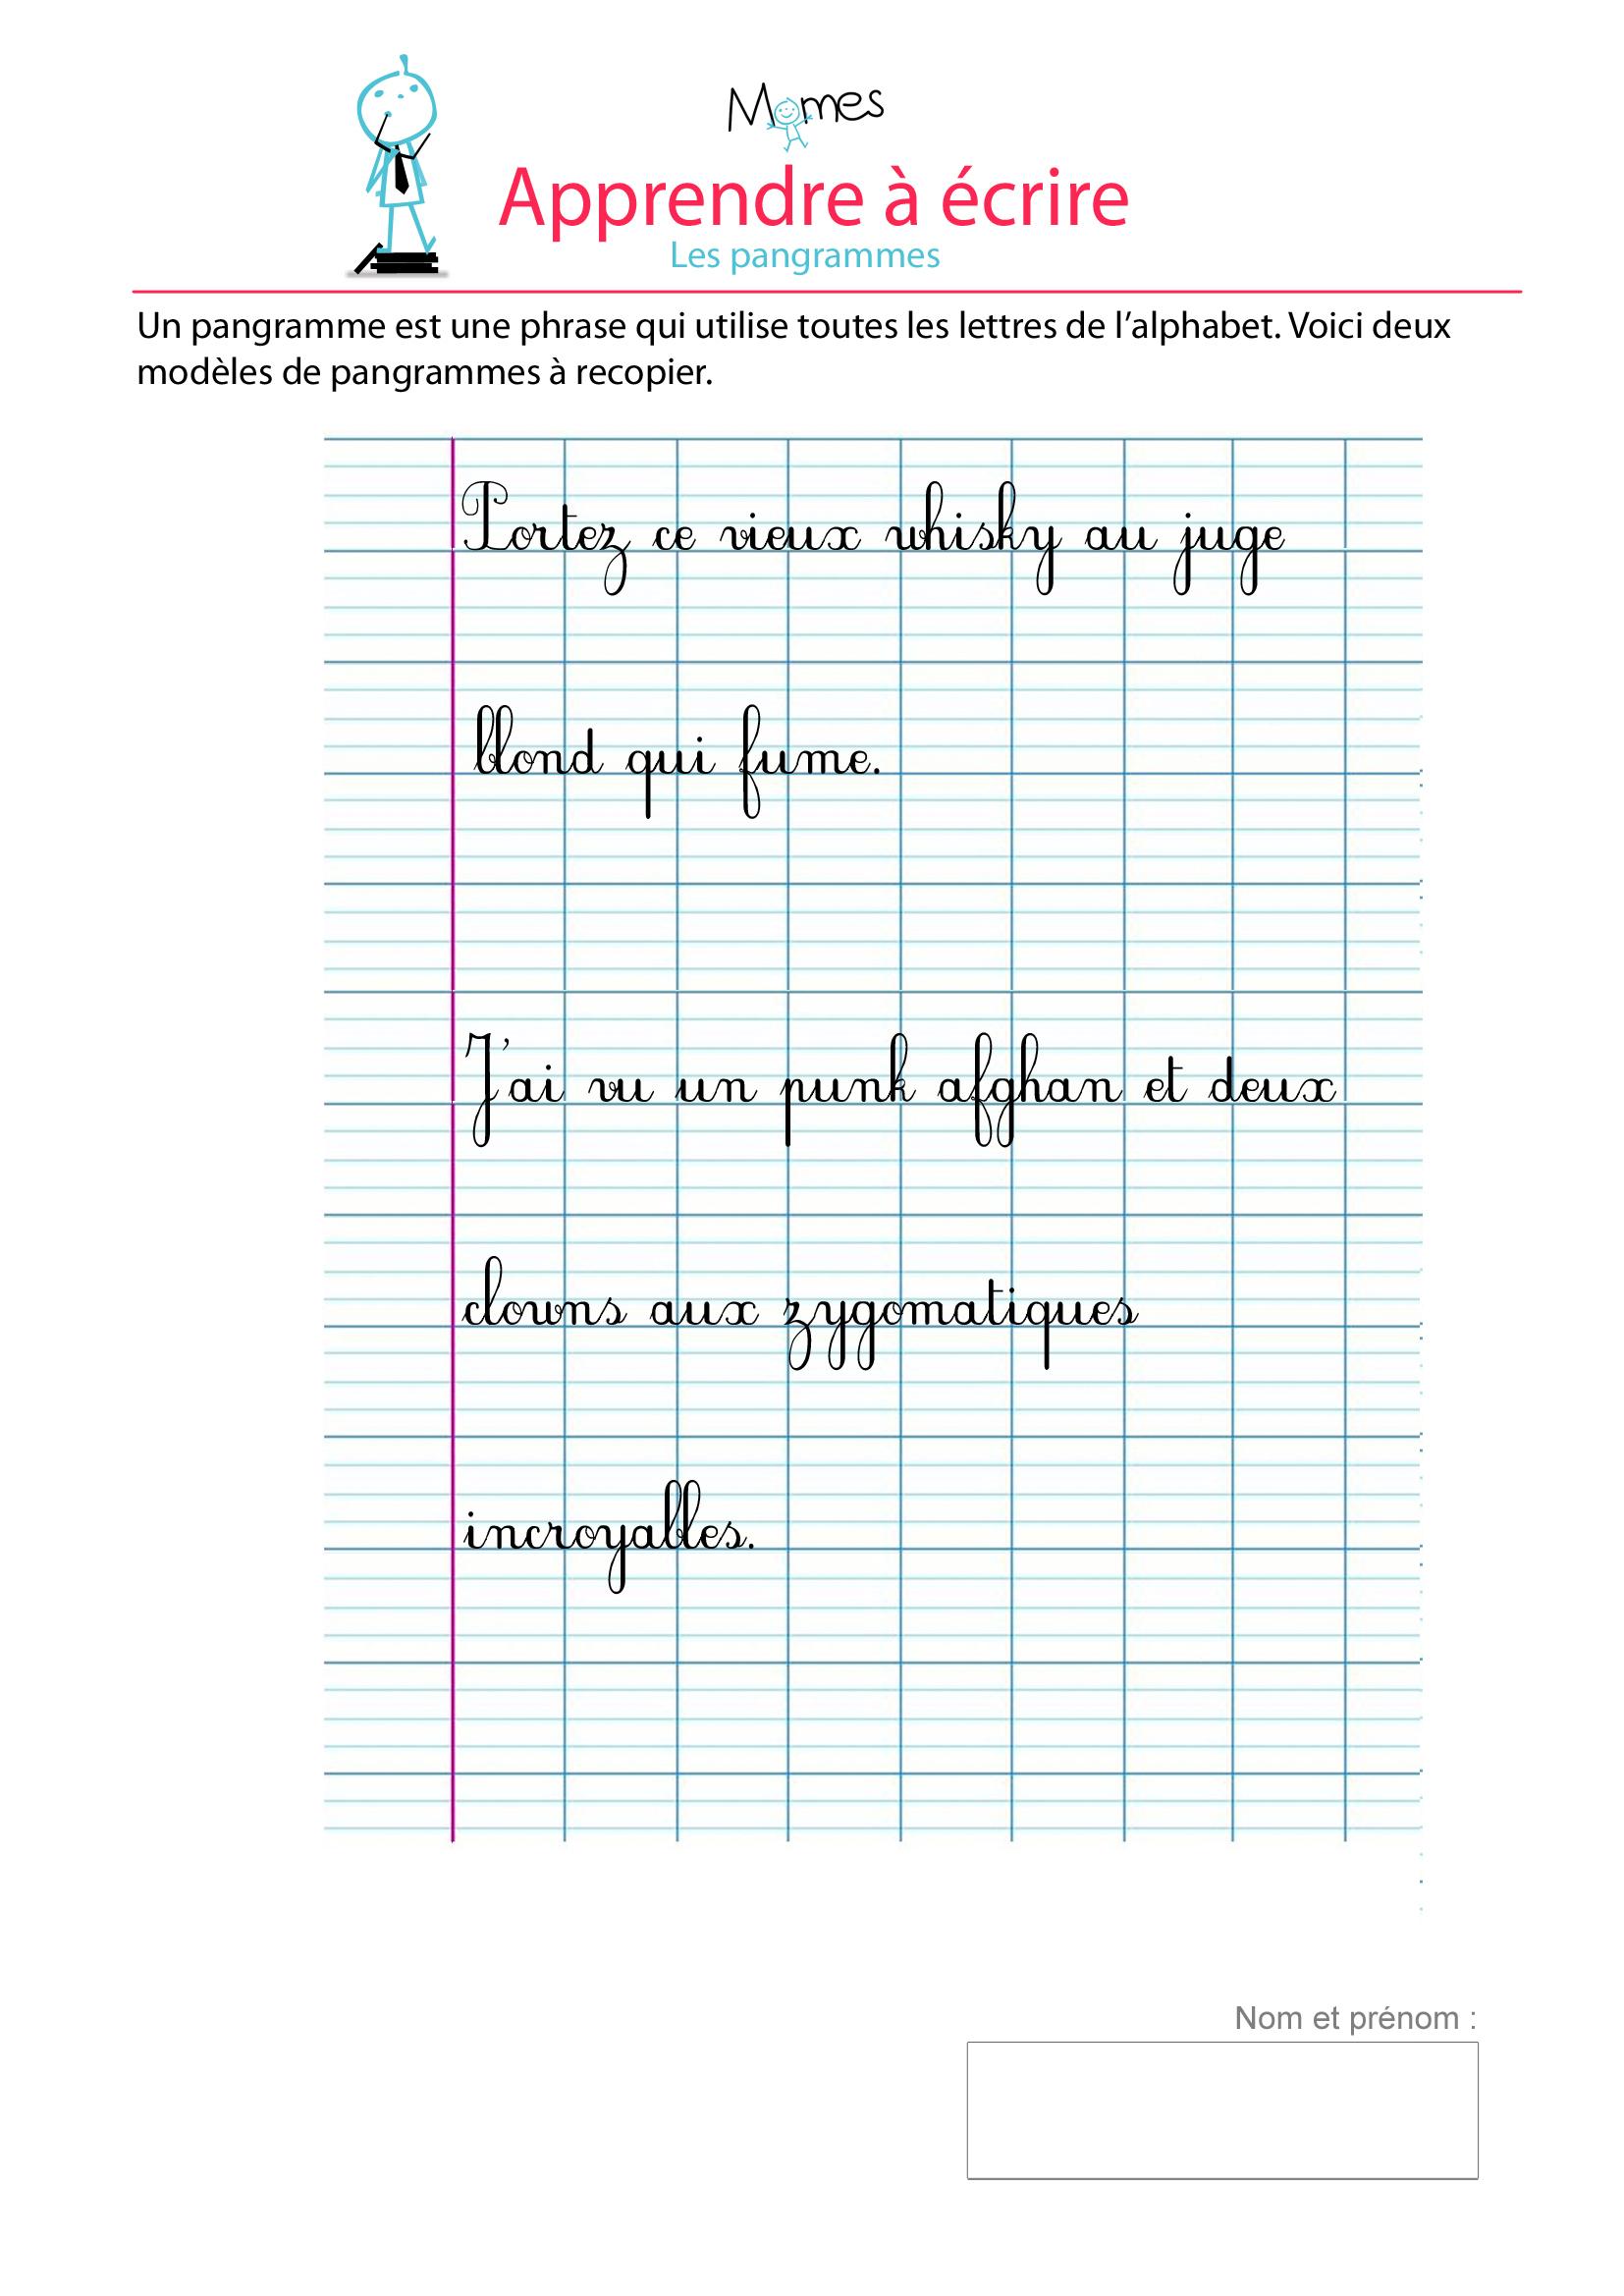 Pangrammes - Exercice De Modèle D'écriture - Momes à Alphabet Français À Imprimer